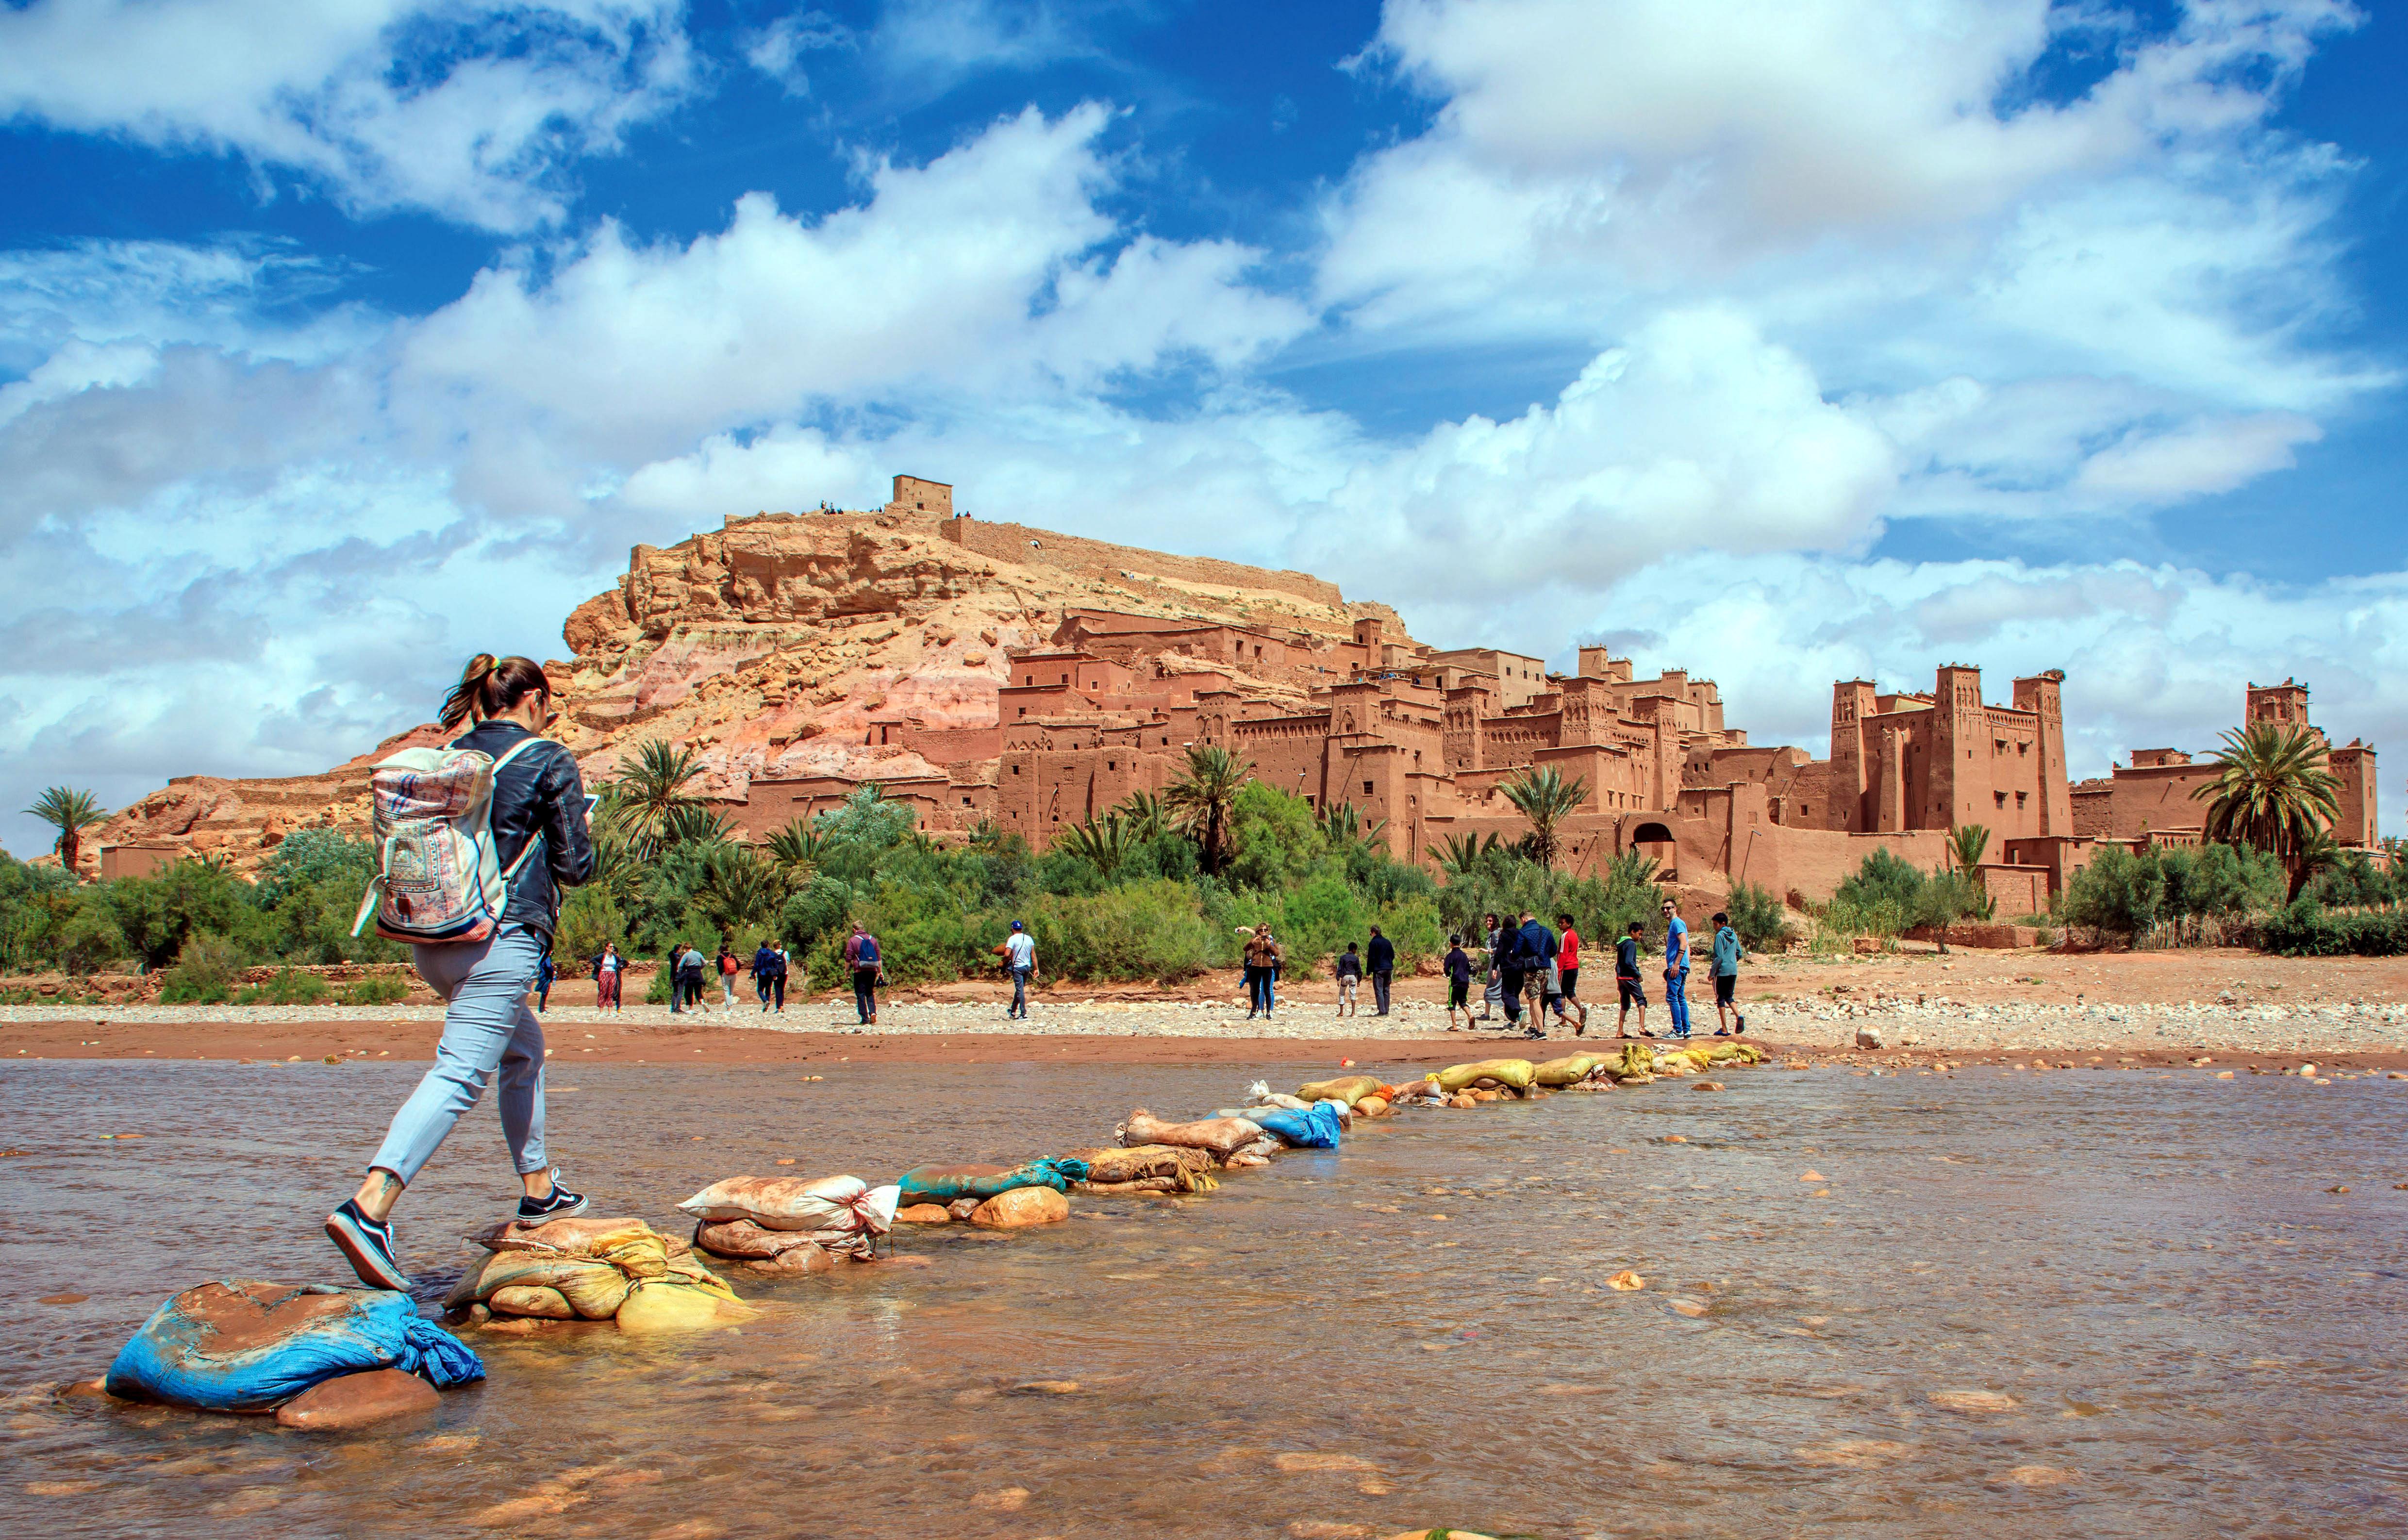 Ksar d'Ait Ben Haddou patrimoine de  l'UNESCO depuis 1987 - © CPT Ouarzazate